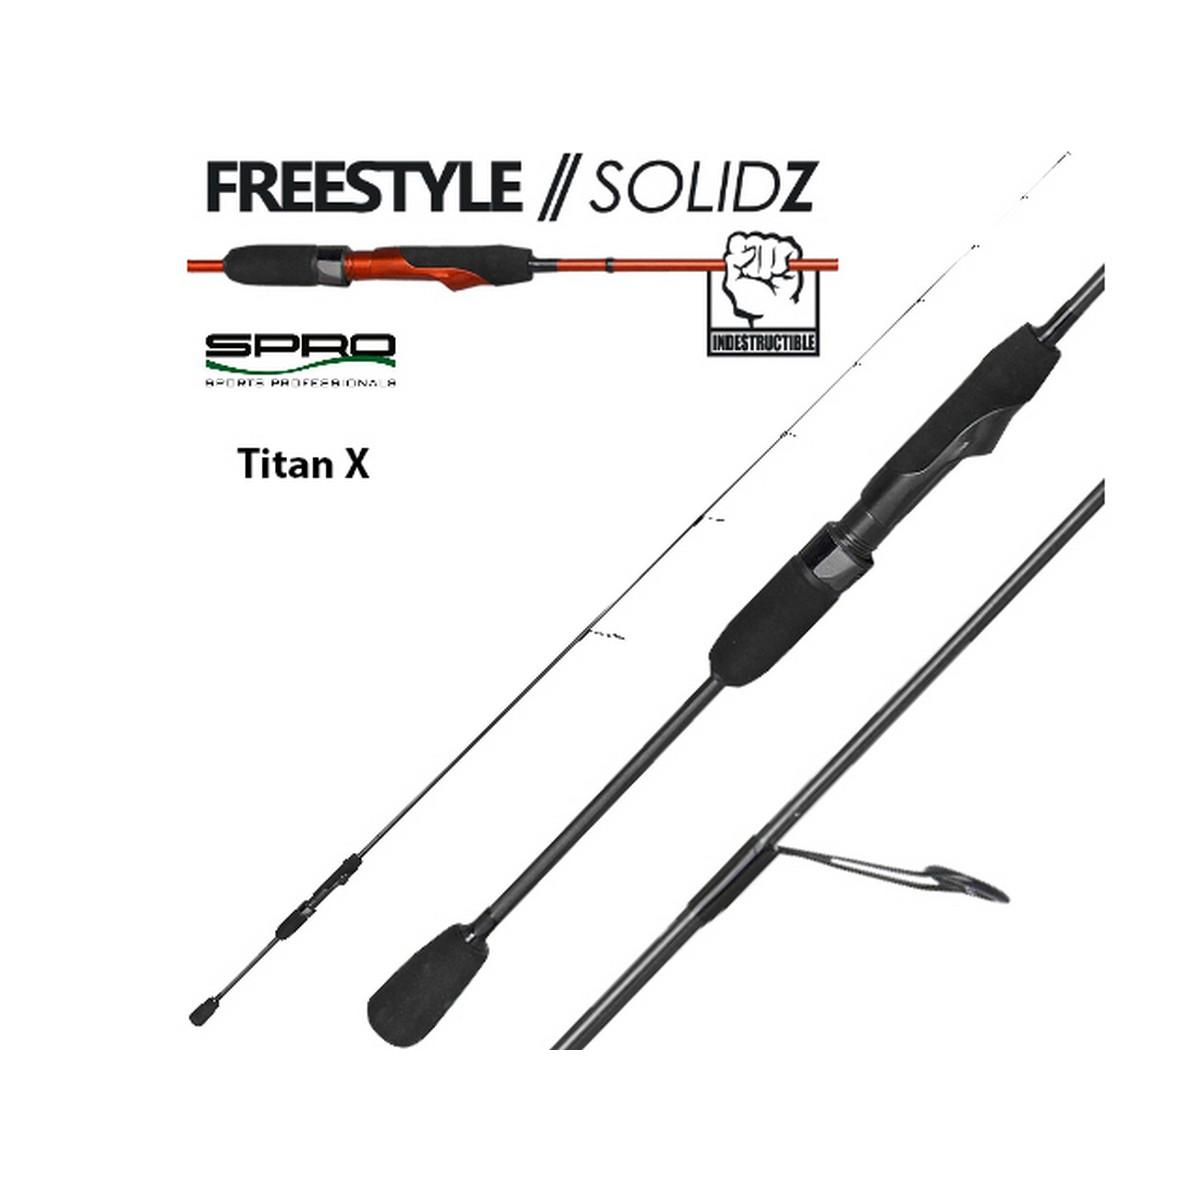 Риболовен прът SPRO Freestyle Solidz Titan X